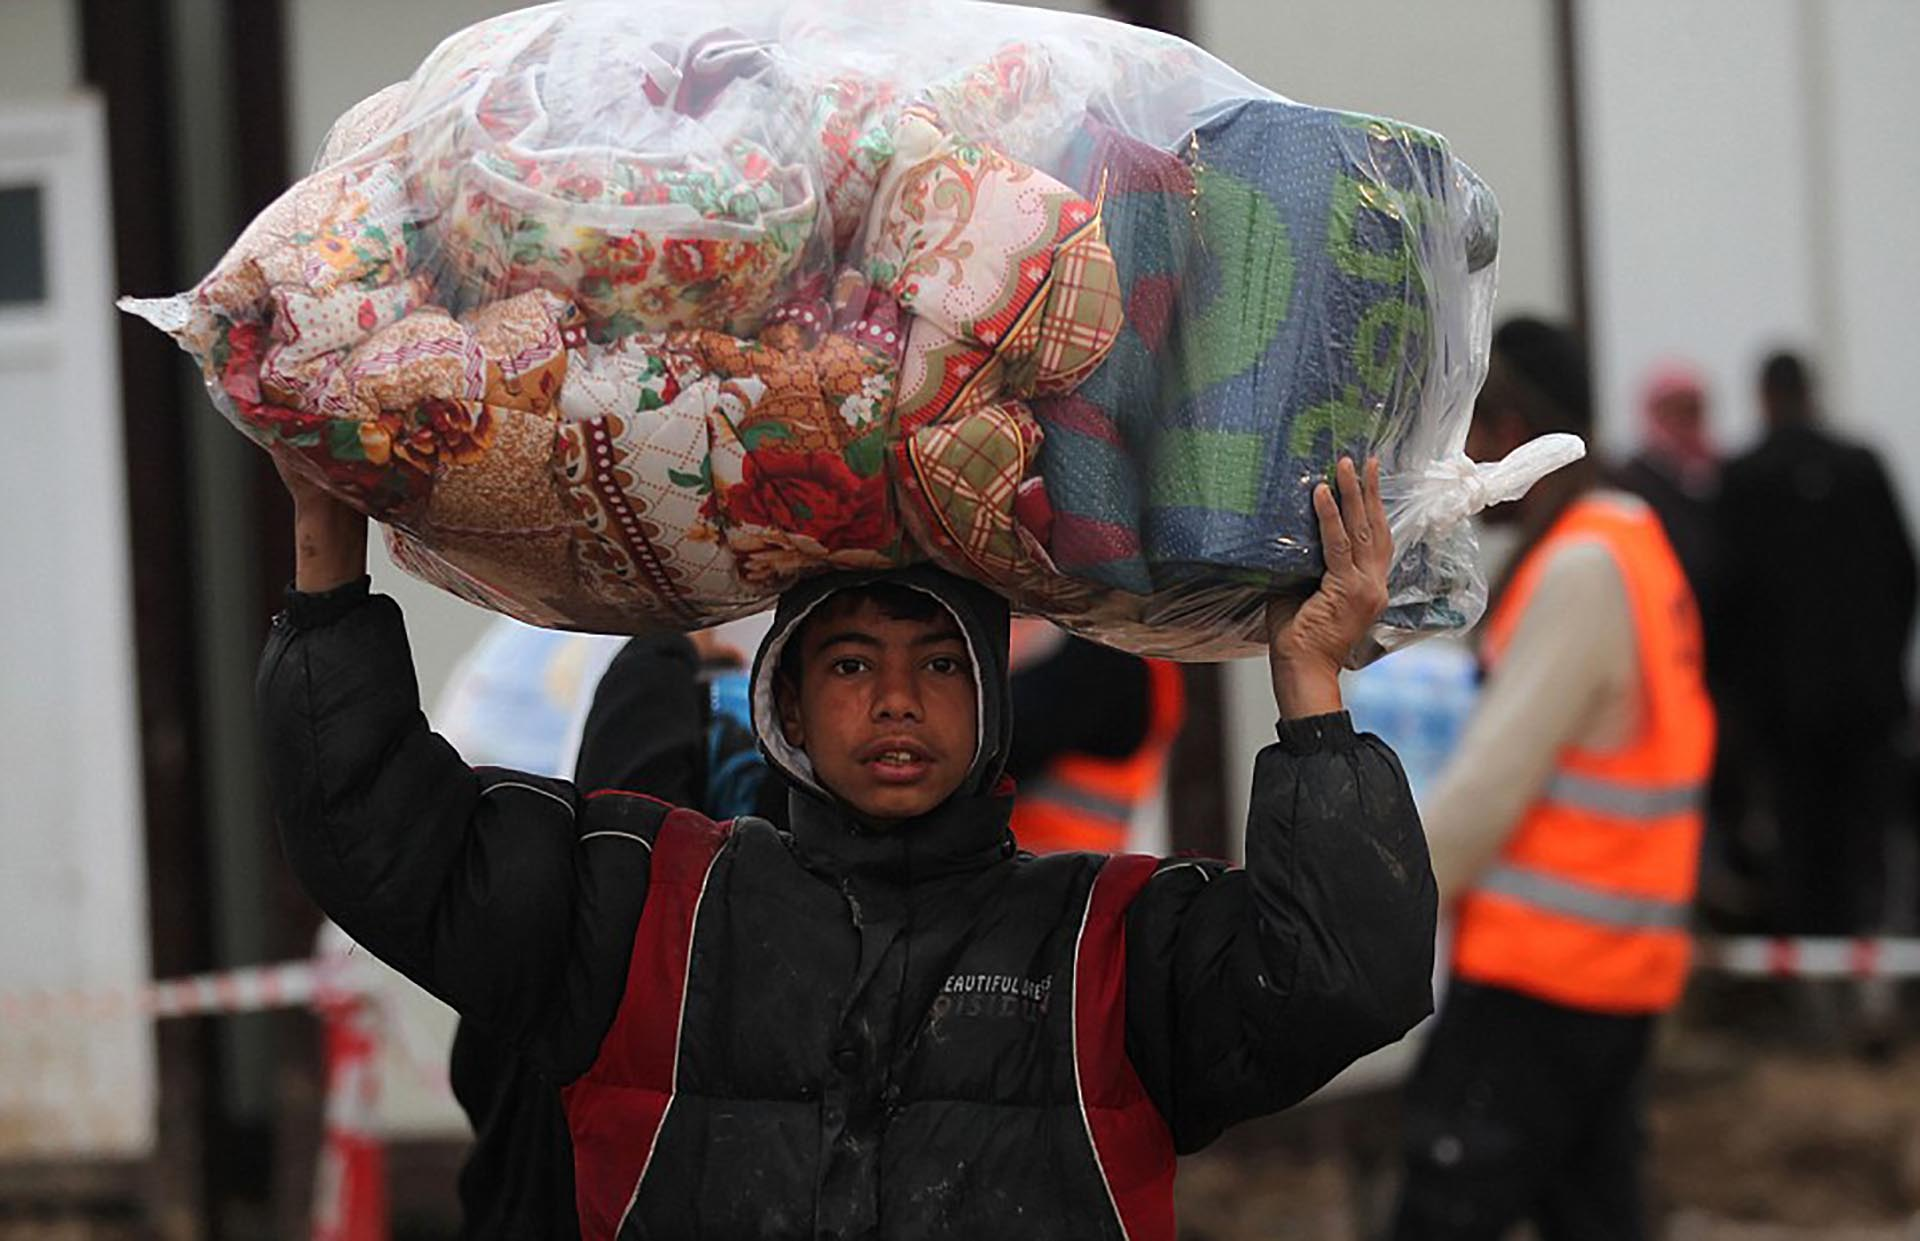 Los refugiados son provistos de mantas para enfrentar el frío (AFP)